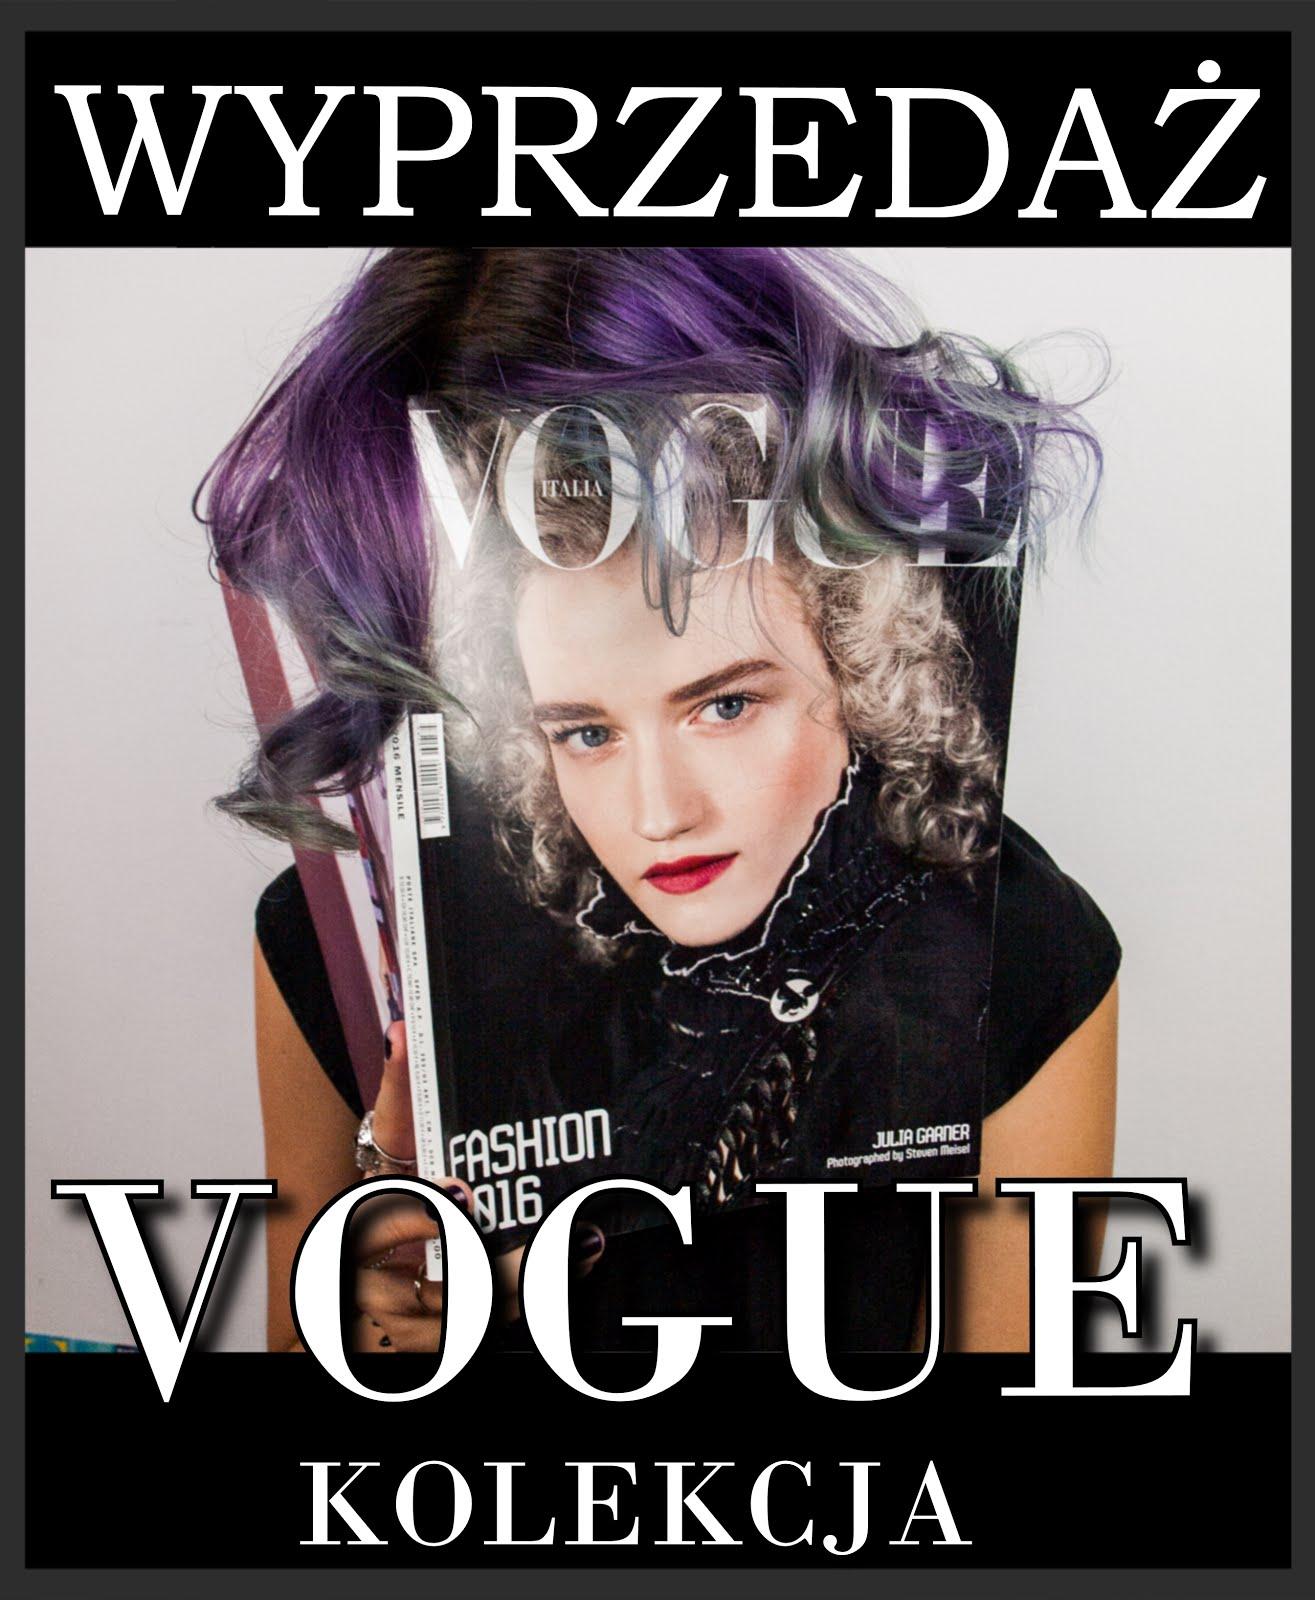 Zapraszam na wyprzedaż Vogue